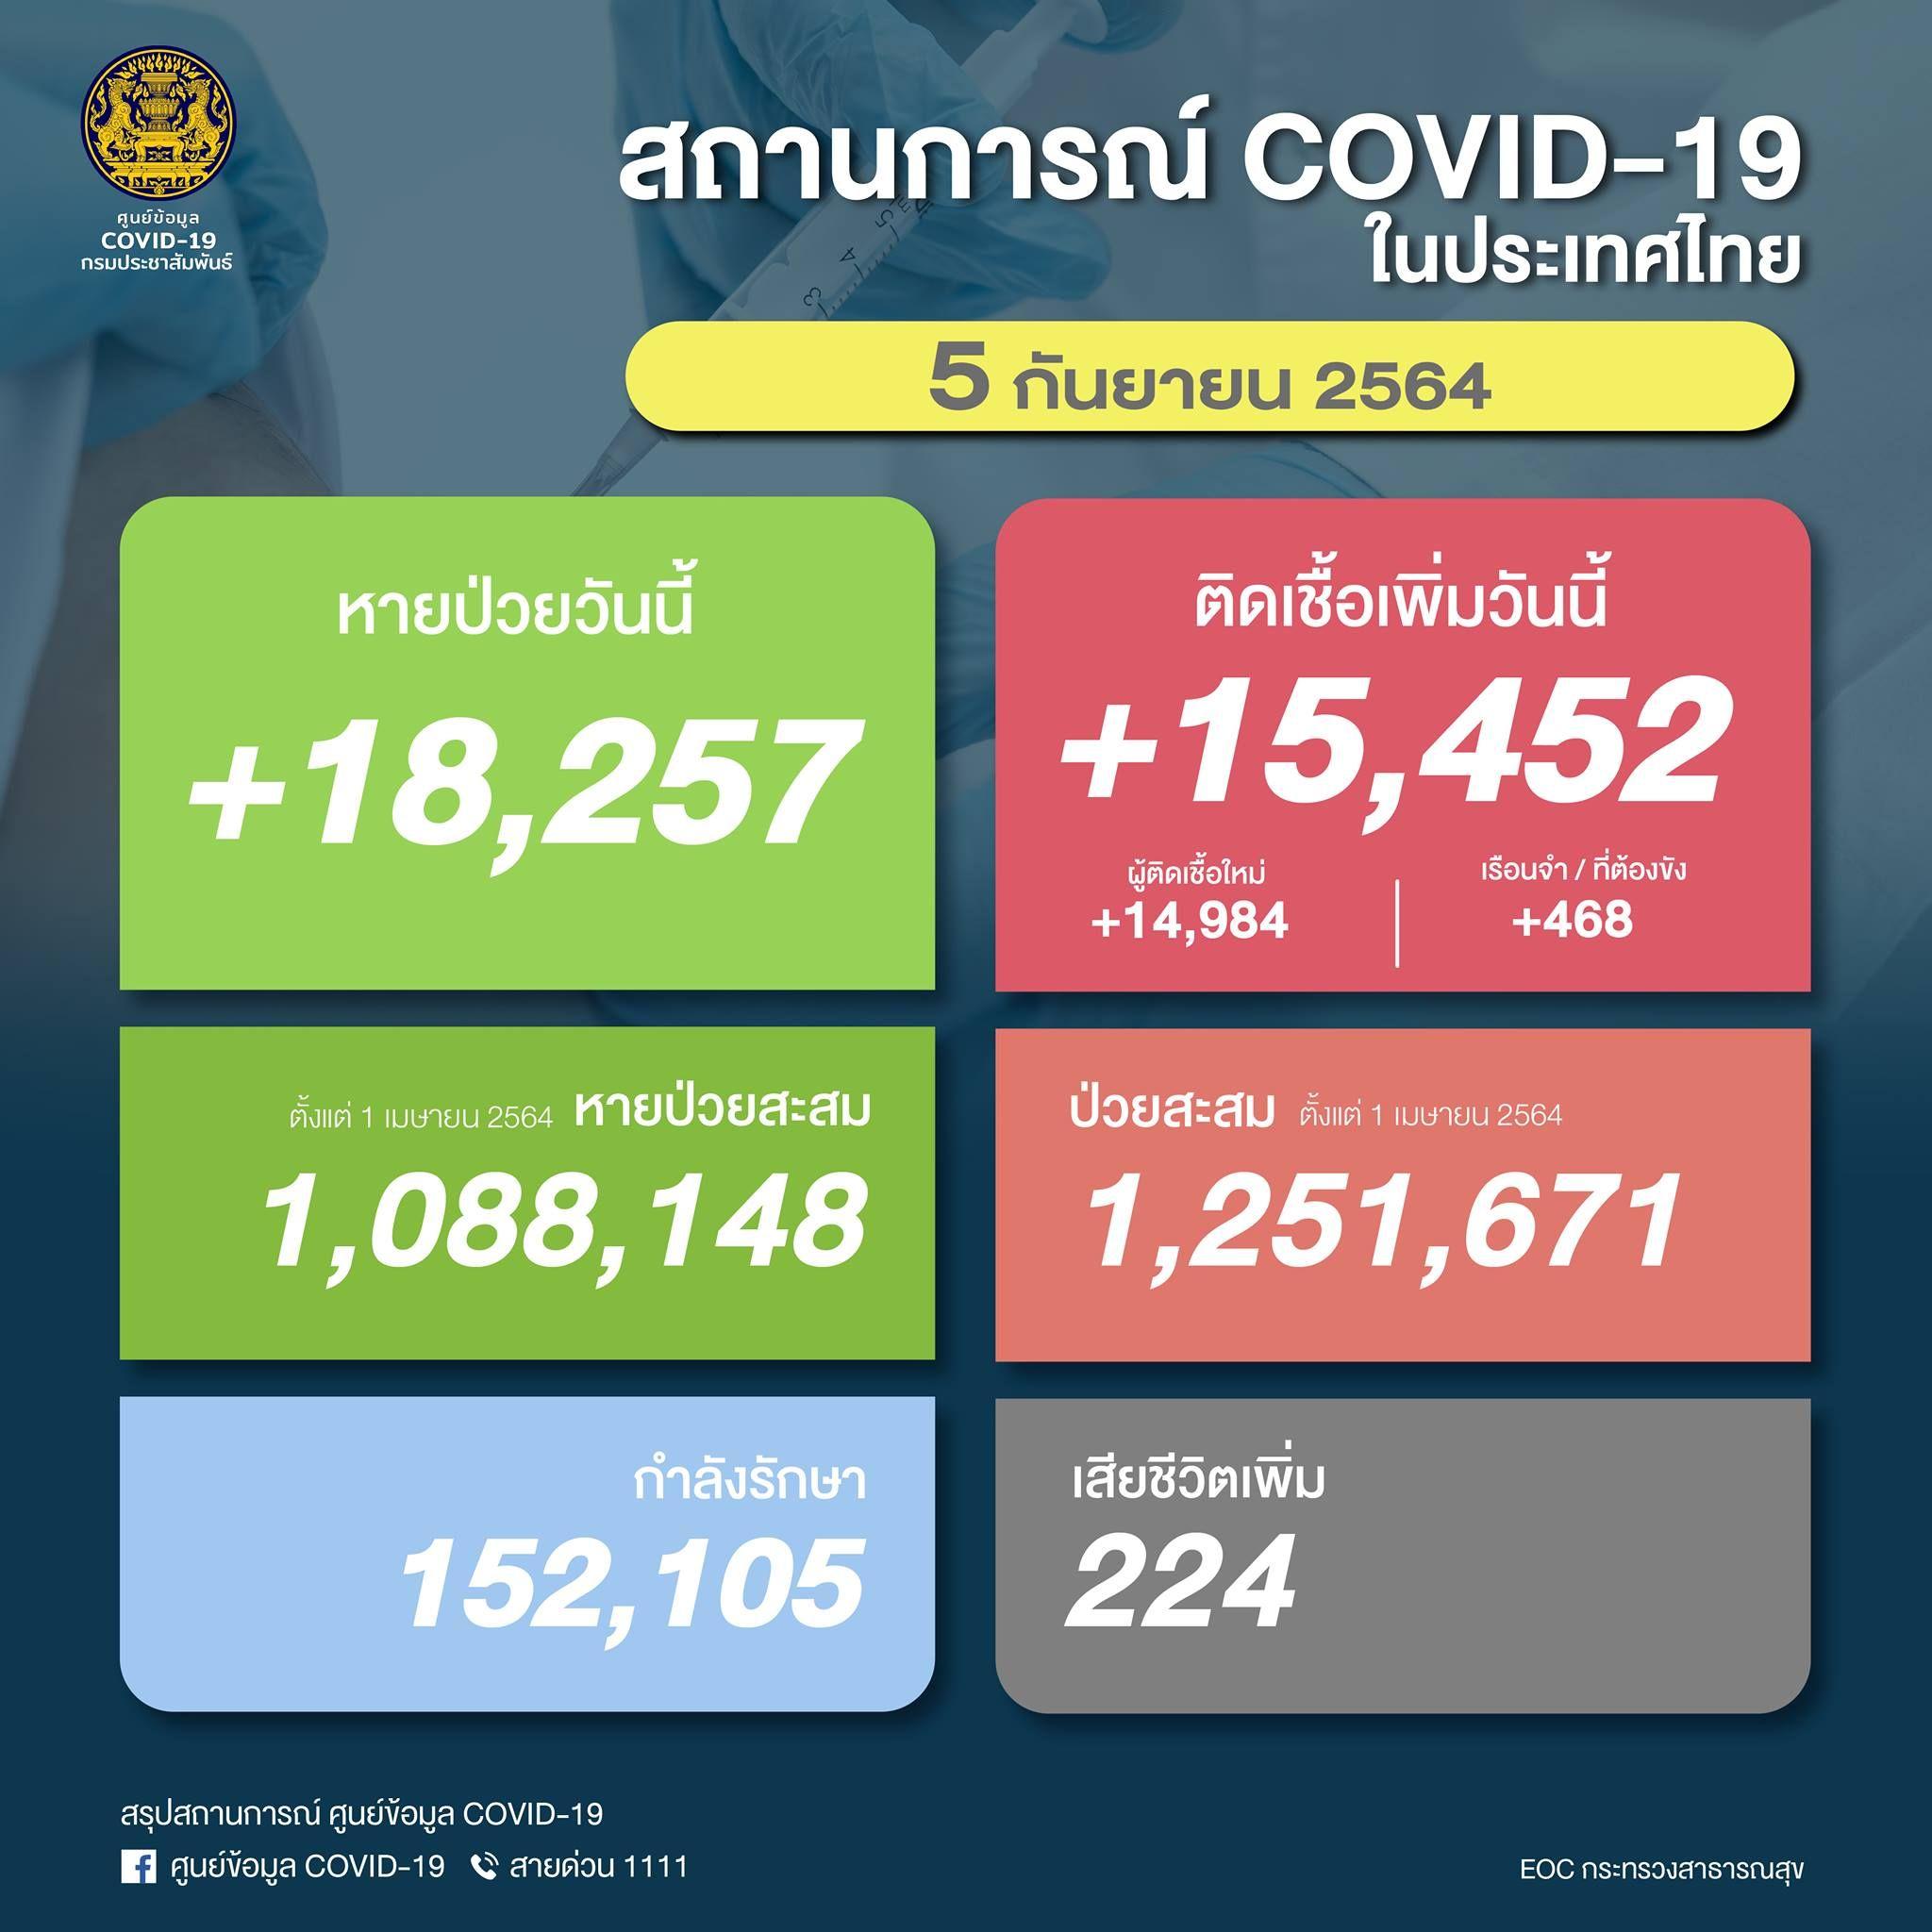 ยอด 'โควิด-19' วันนี้ พบเสียชีวิต 224 ราย ติดเชื้อเพิ่ม 15,452 ราย